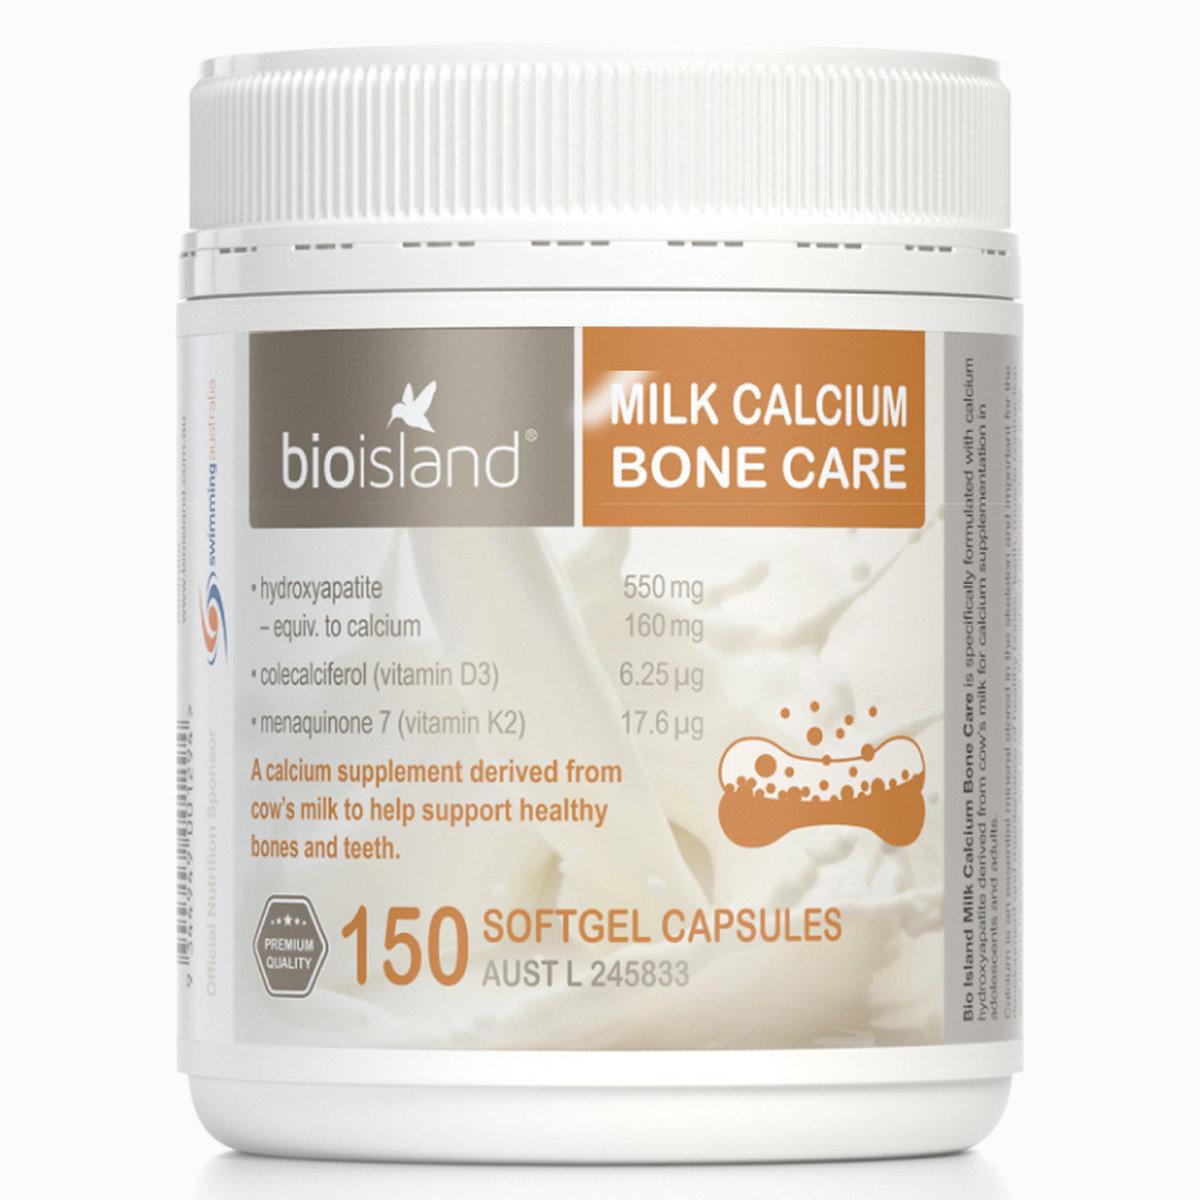 天然液體牛乳鈣骨健康膠囊 150粒(平行進口貨品)